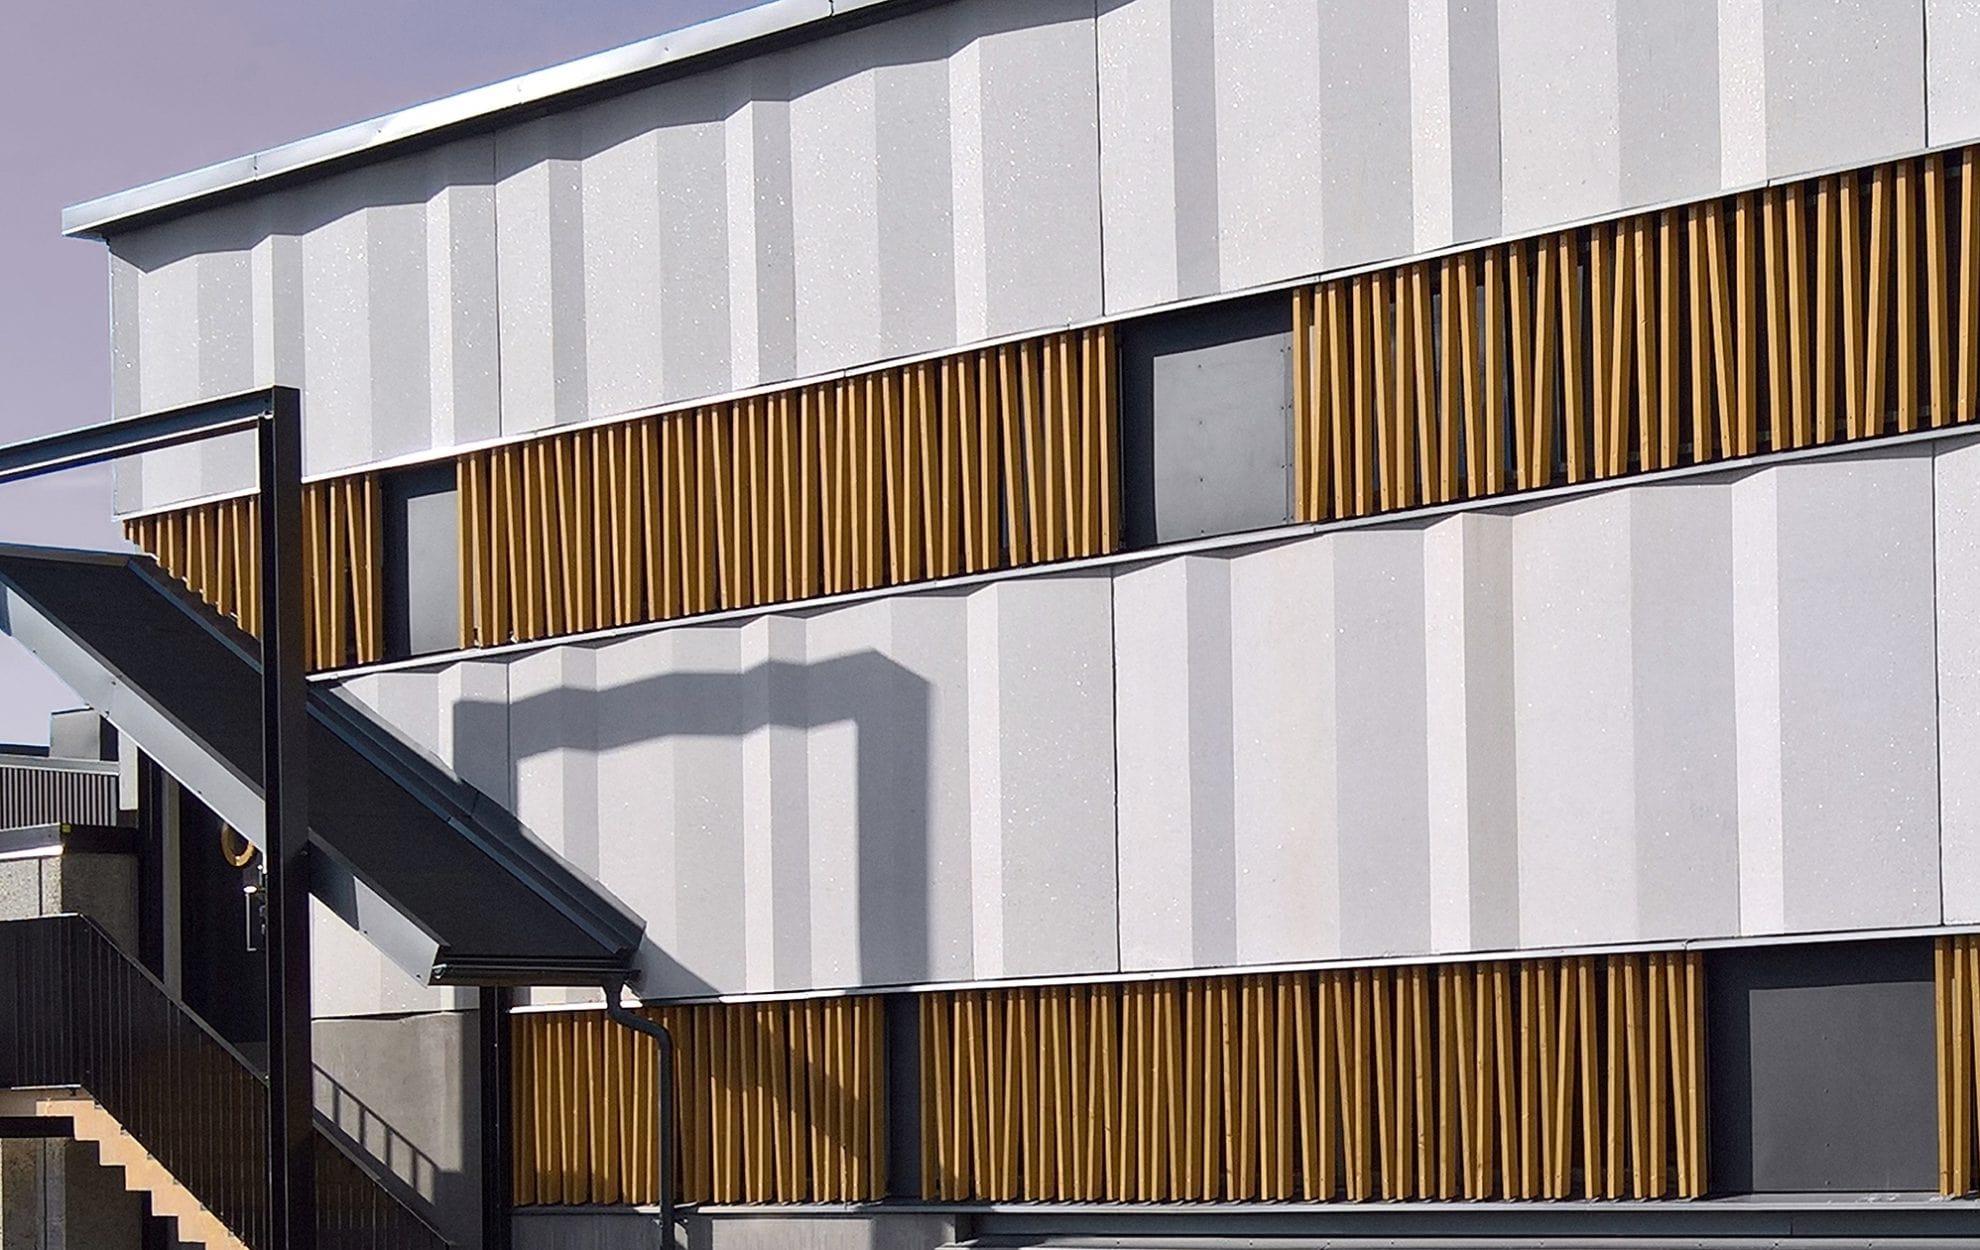 Imatran Arkkitehtuuritoimisto